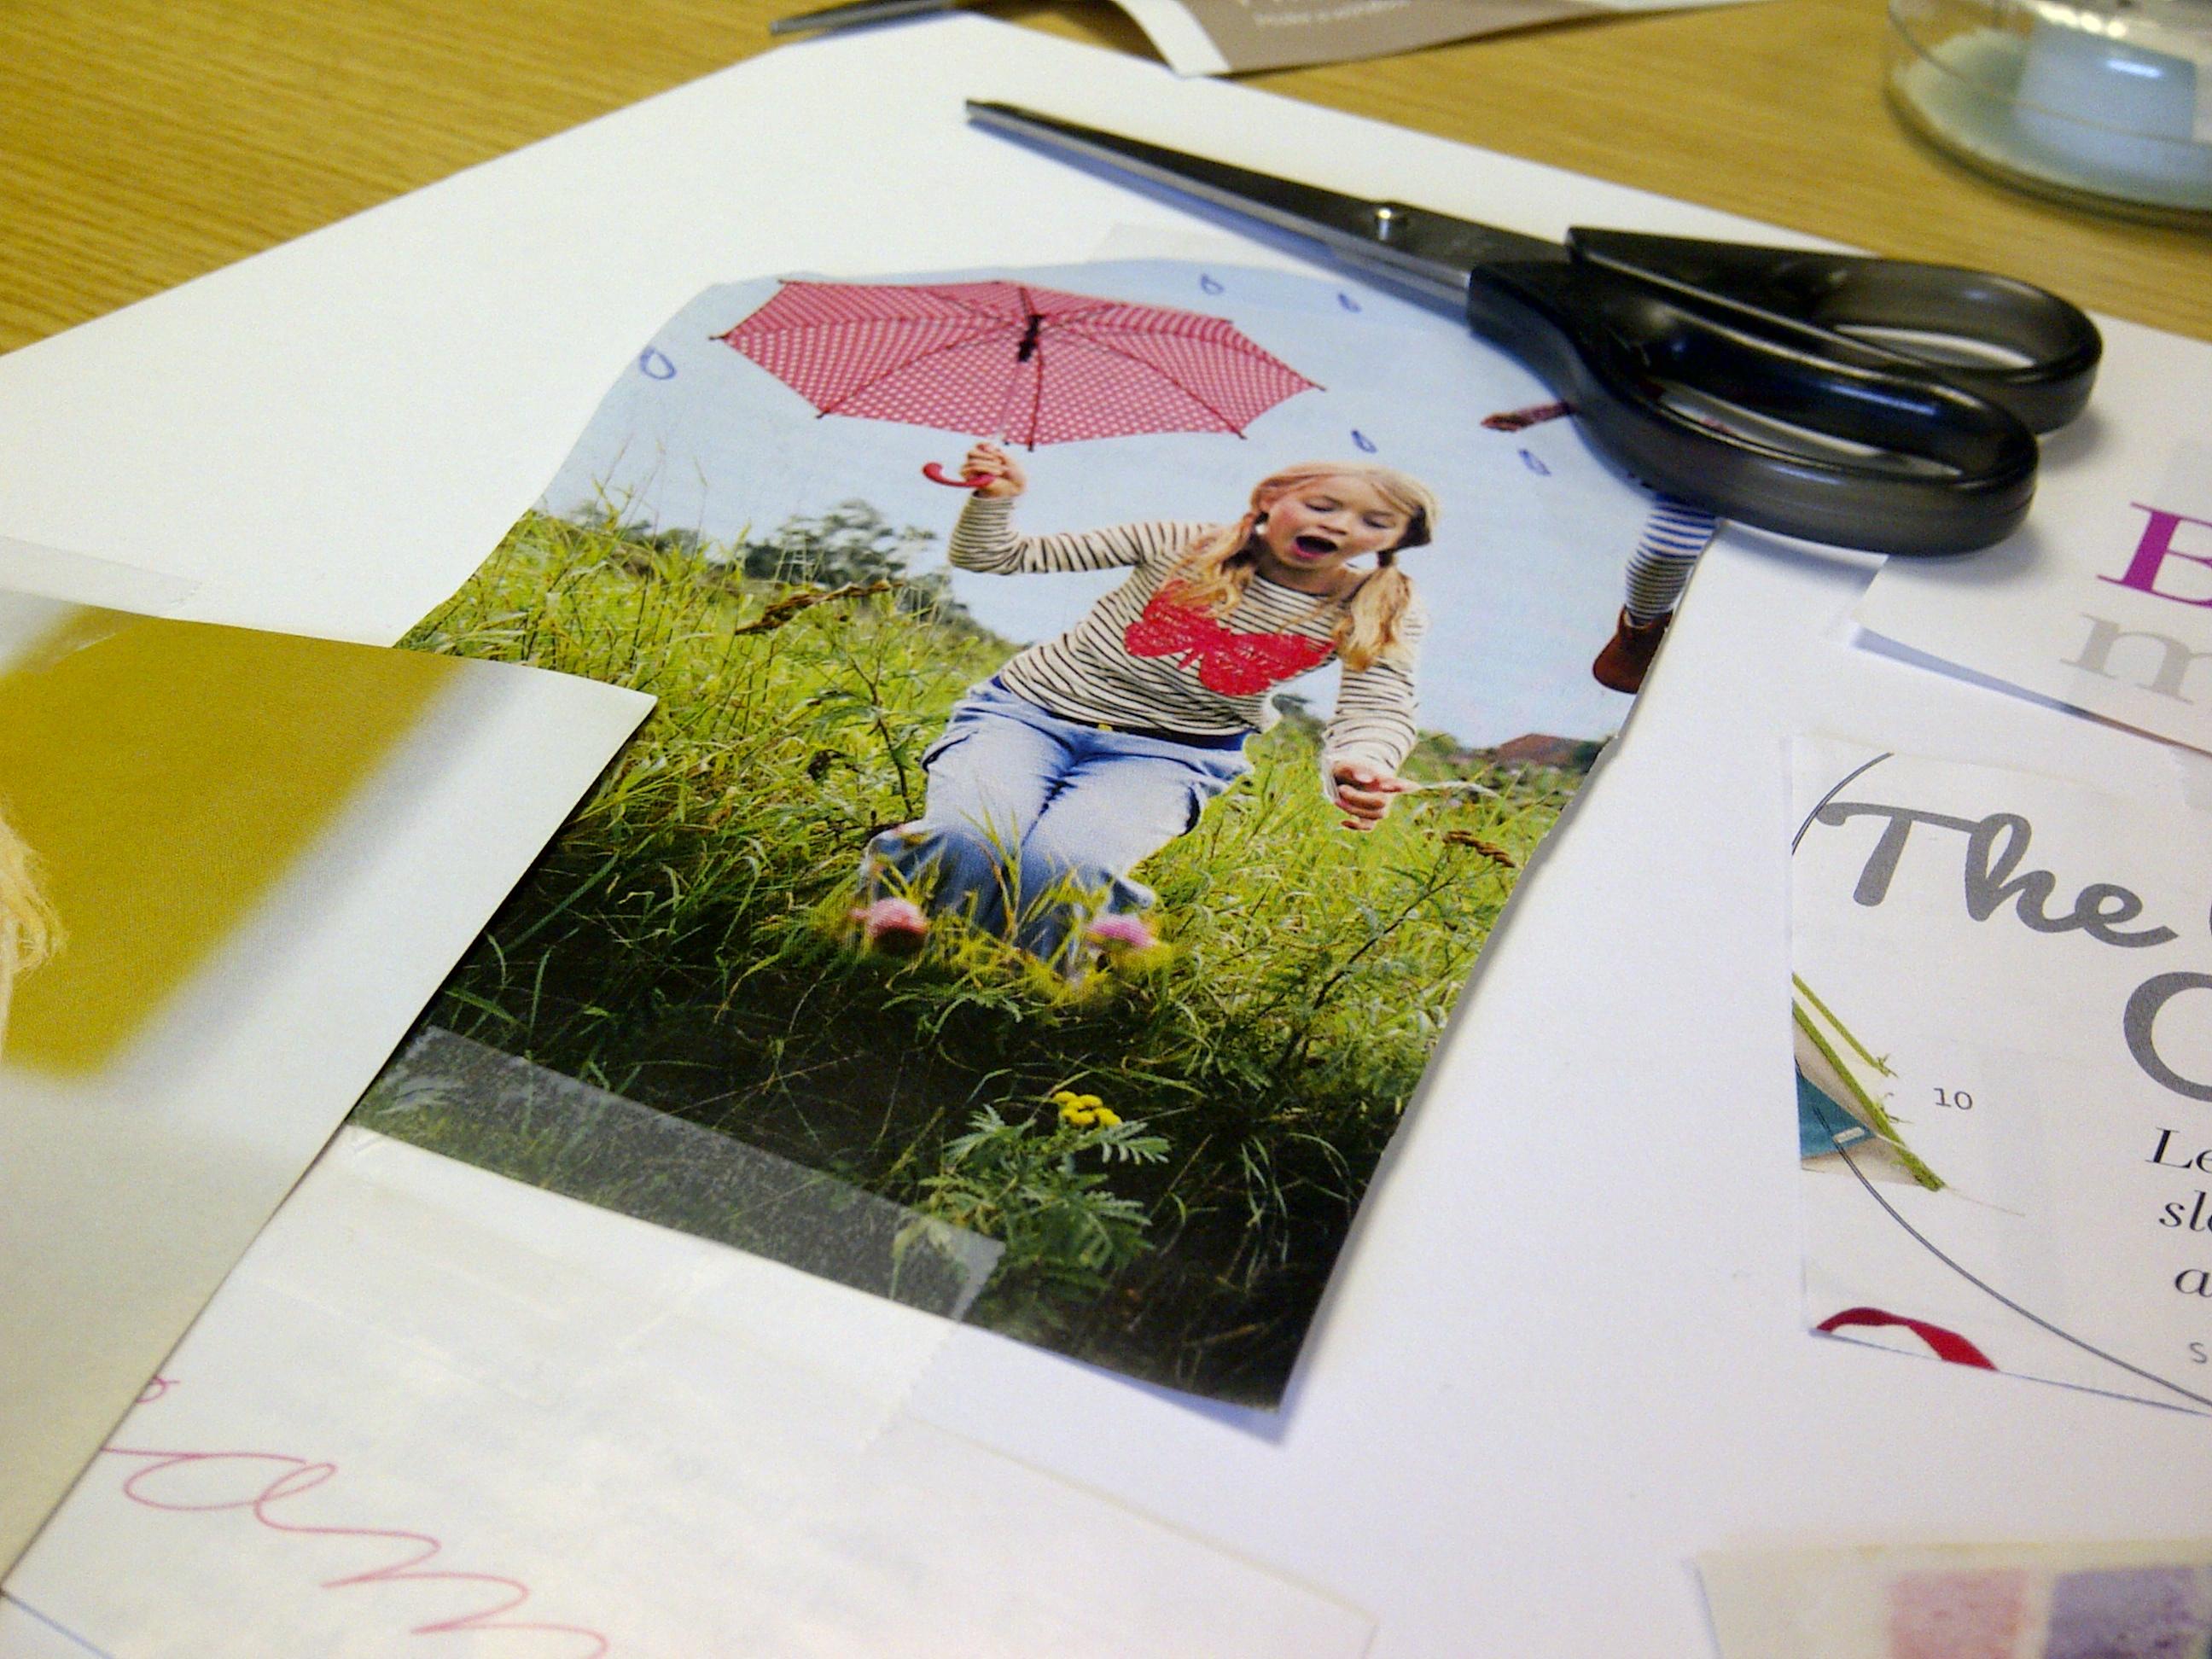 Ditto, Sevenoaks, Creative Design, Branding